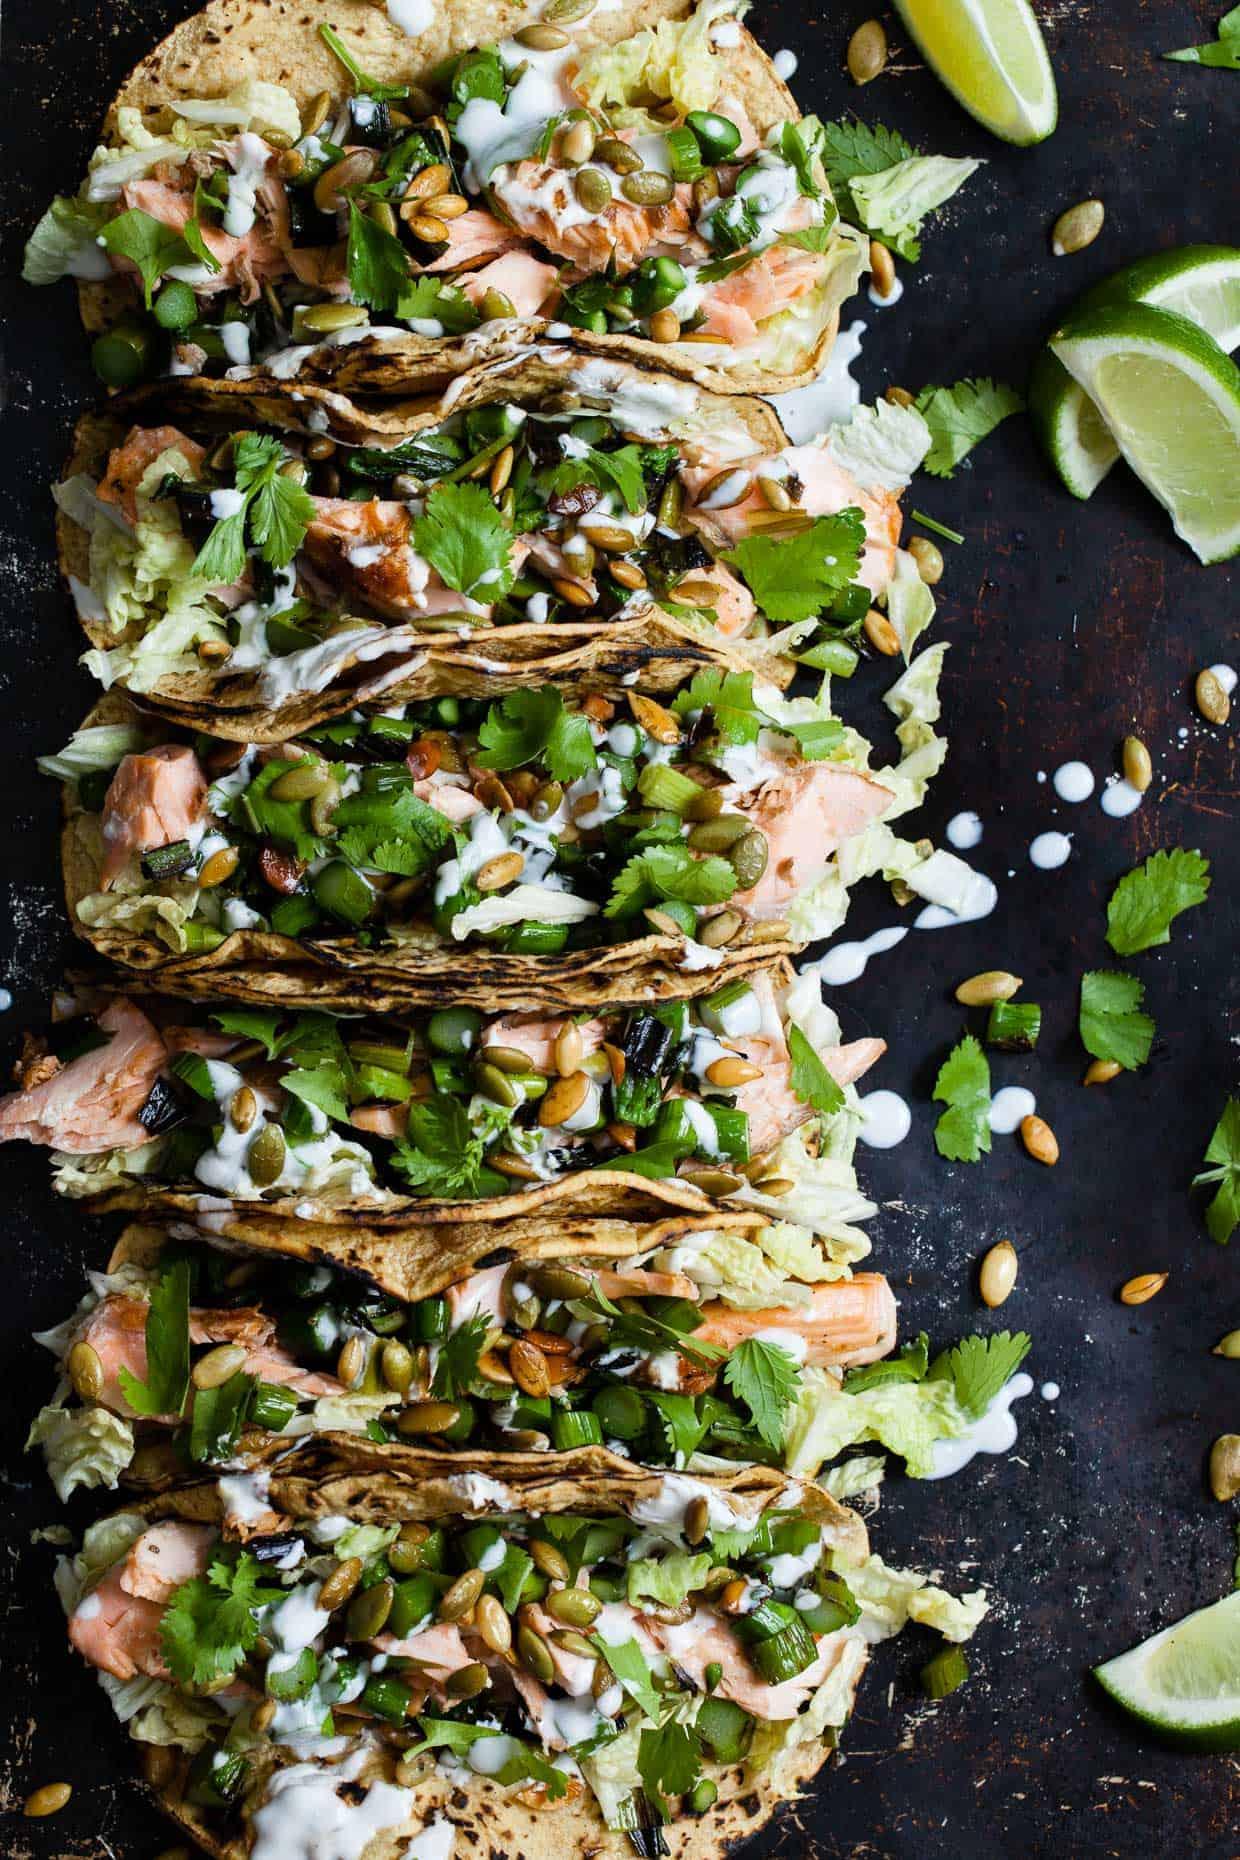 Salmon Tacos with Green Onion & Asparagus Salsa